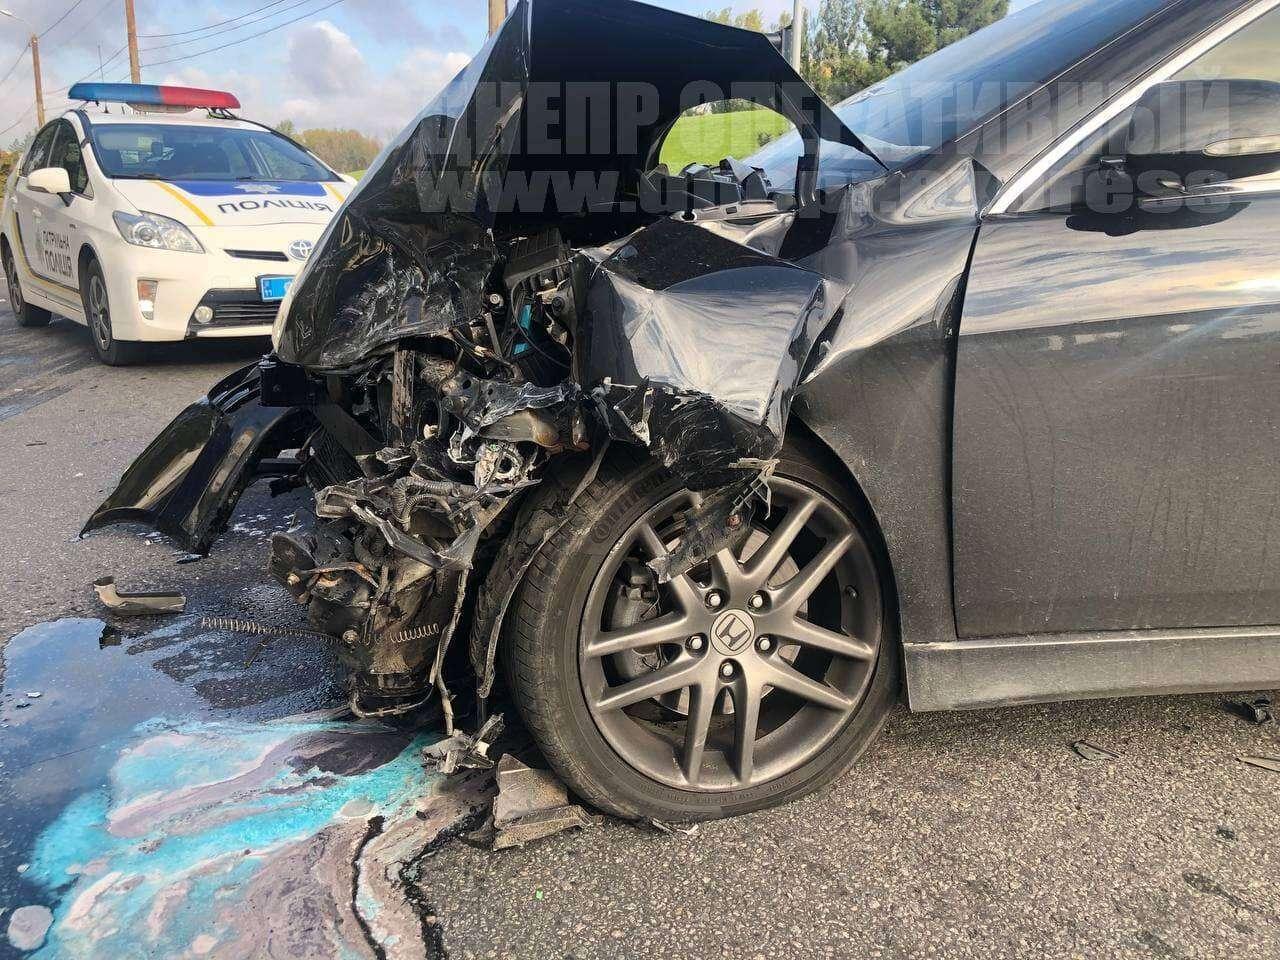 Серьезные повреждения авто.